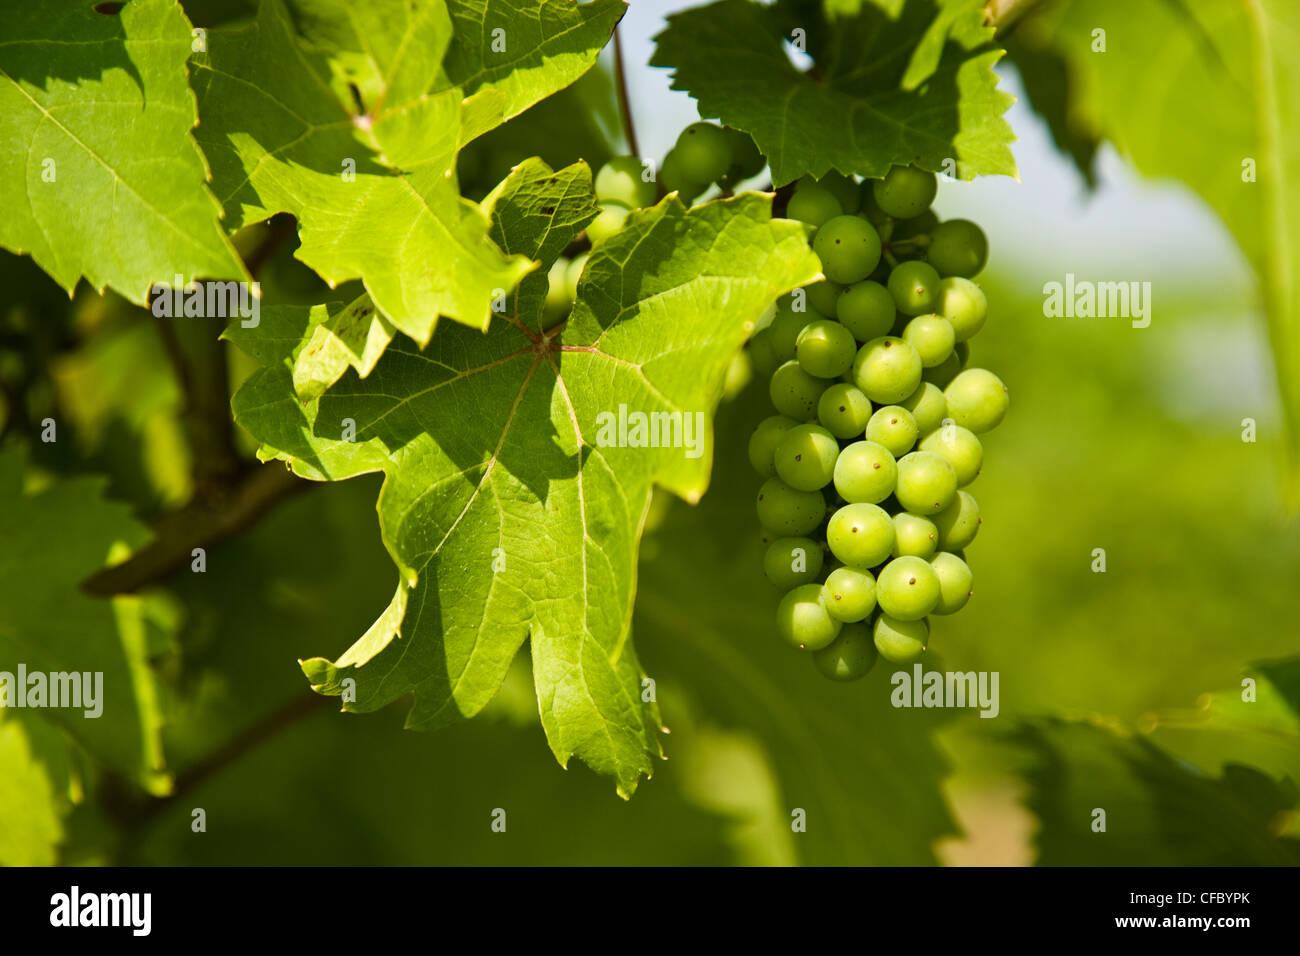 Jóvenes uvas pinot gris, Niagara Peninsula. En Ontario, Canadá. Imagen De Stock